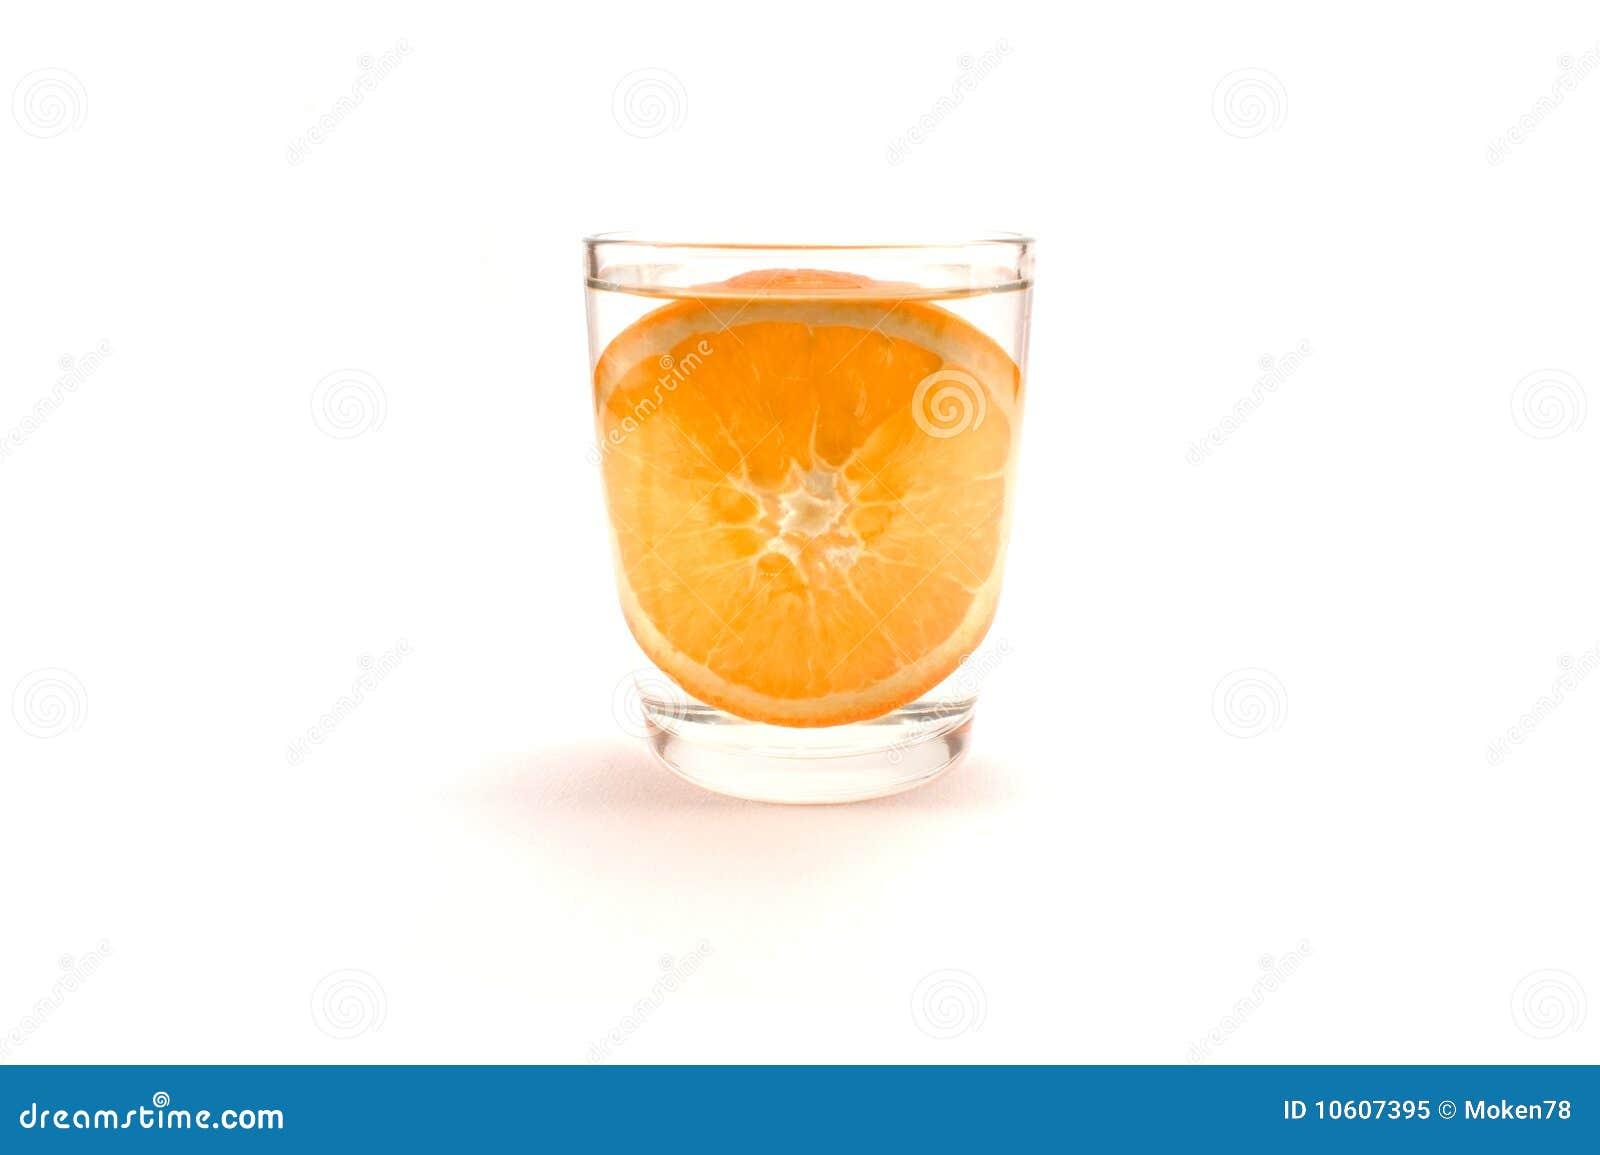 Orange juice royalty free stock photo image 10607395 for Wine and orange juice name